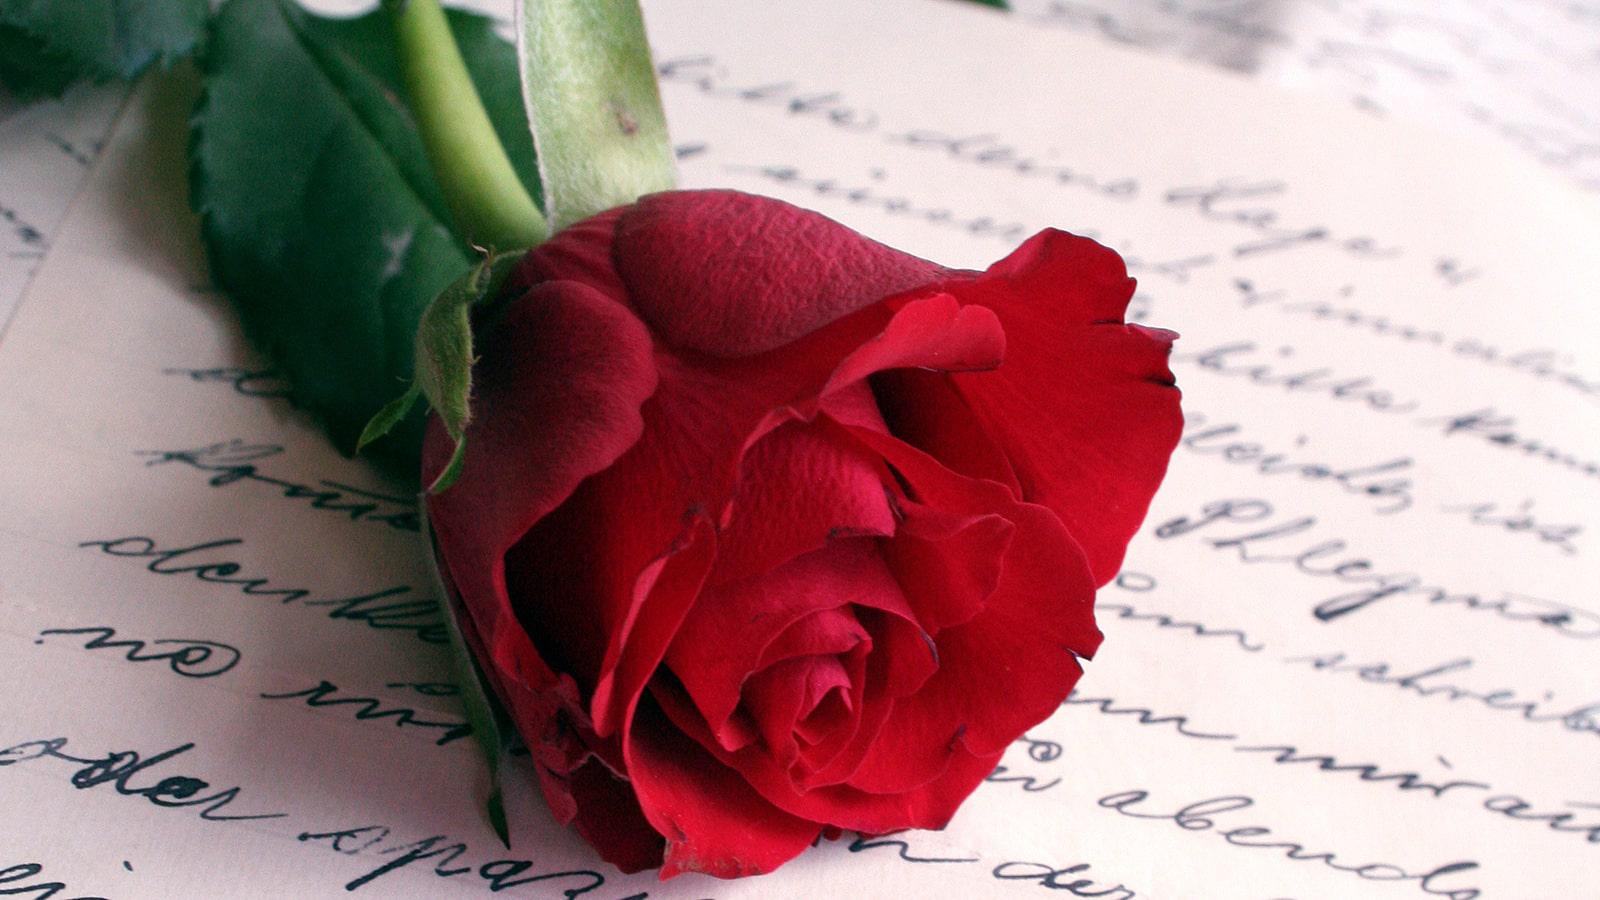 Hedendaags SMS liefdesgedichten - Lees het gedicht 'Goedemorgen' op JR-07